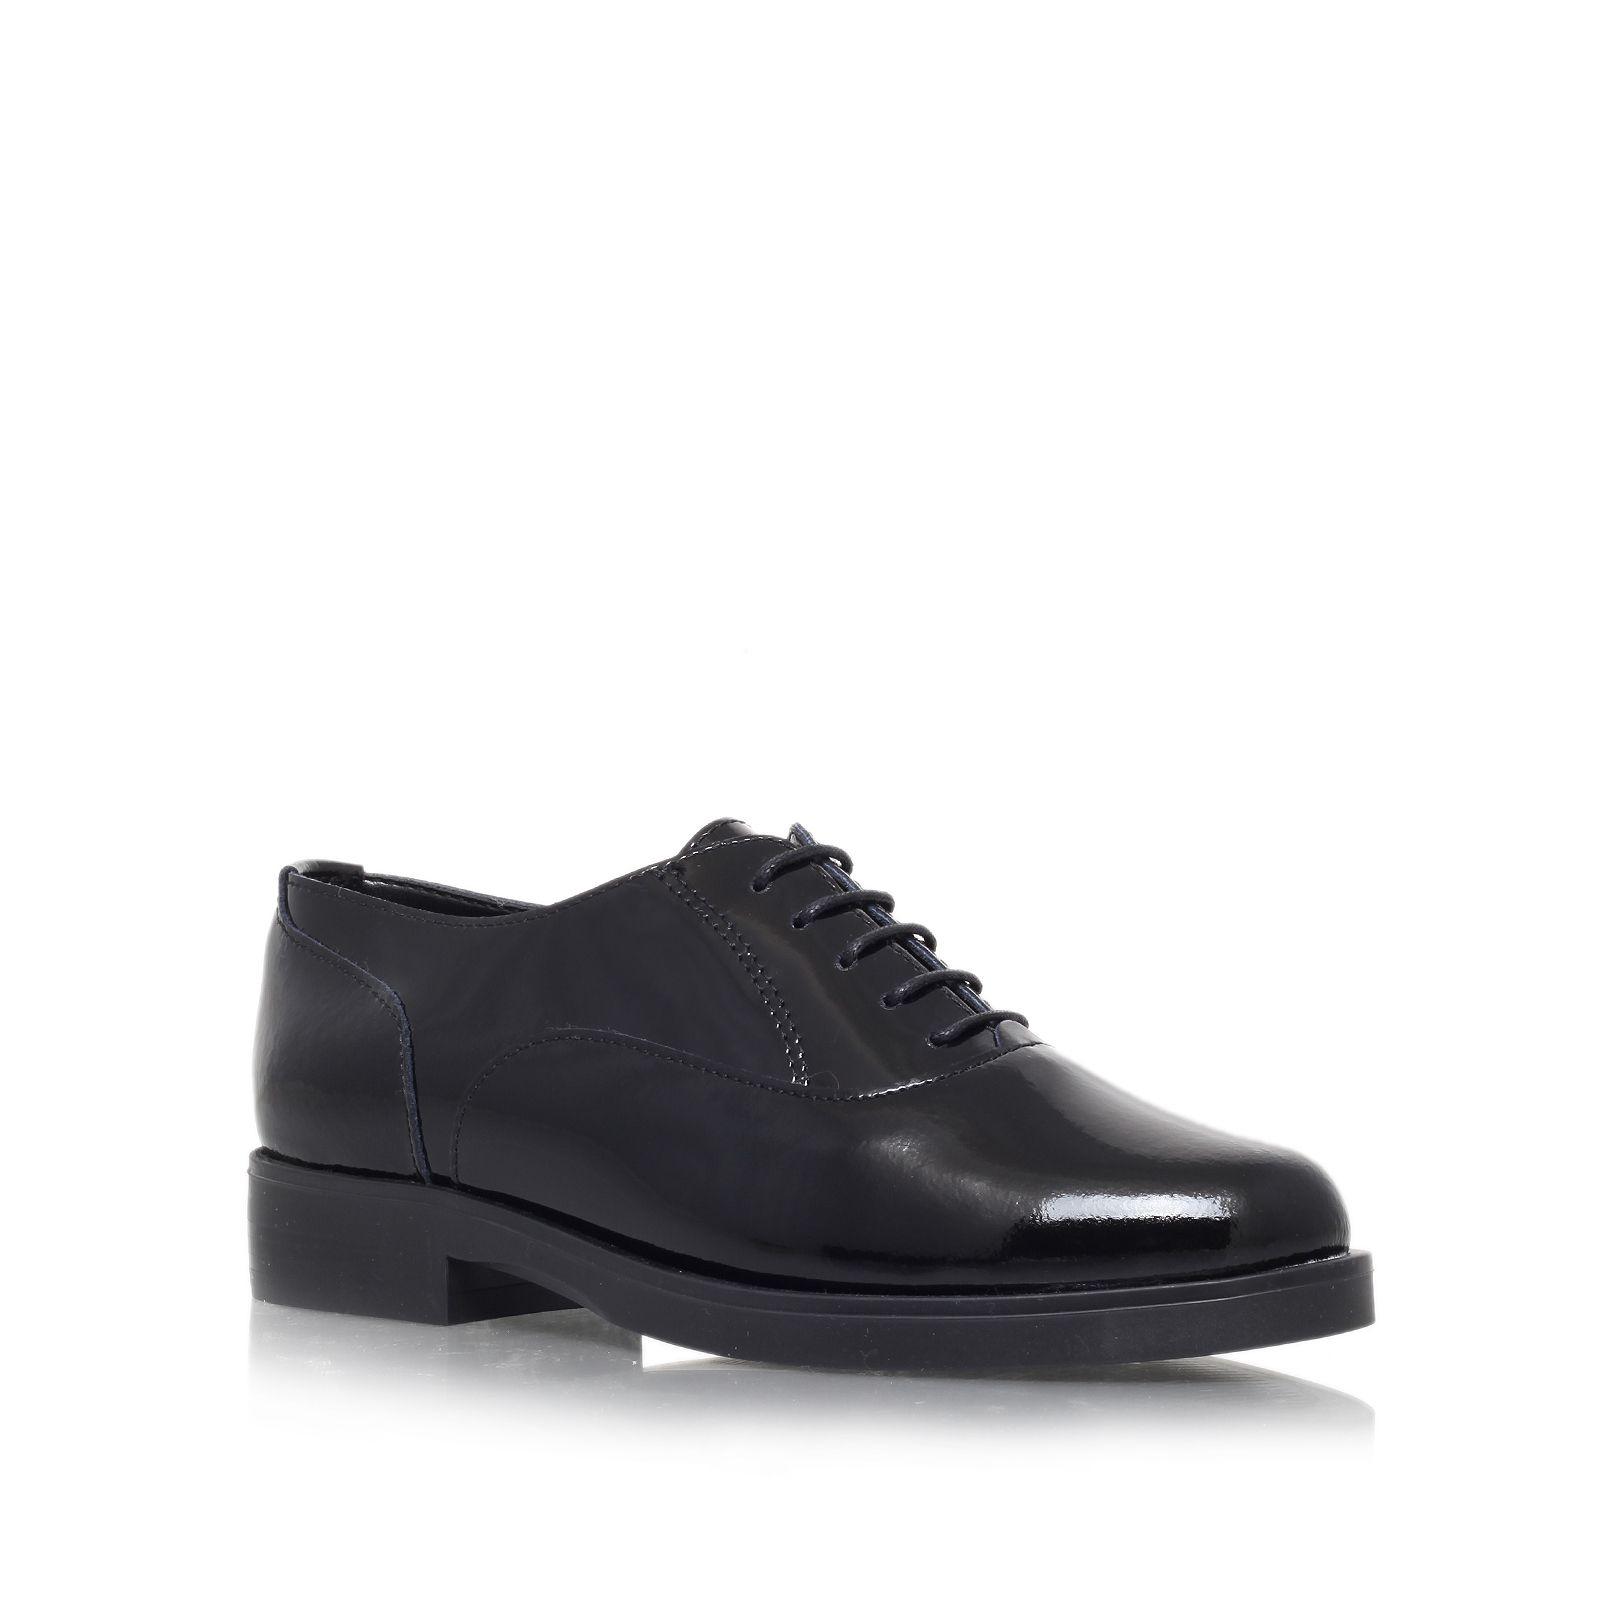 Carvela Kurt Geiger Listen Lace Up Shoes In Black For Men   Lyst